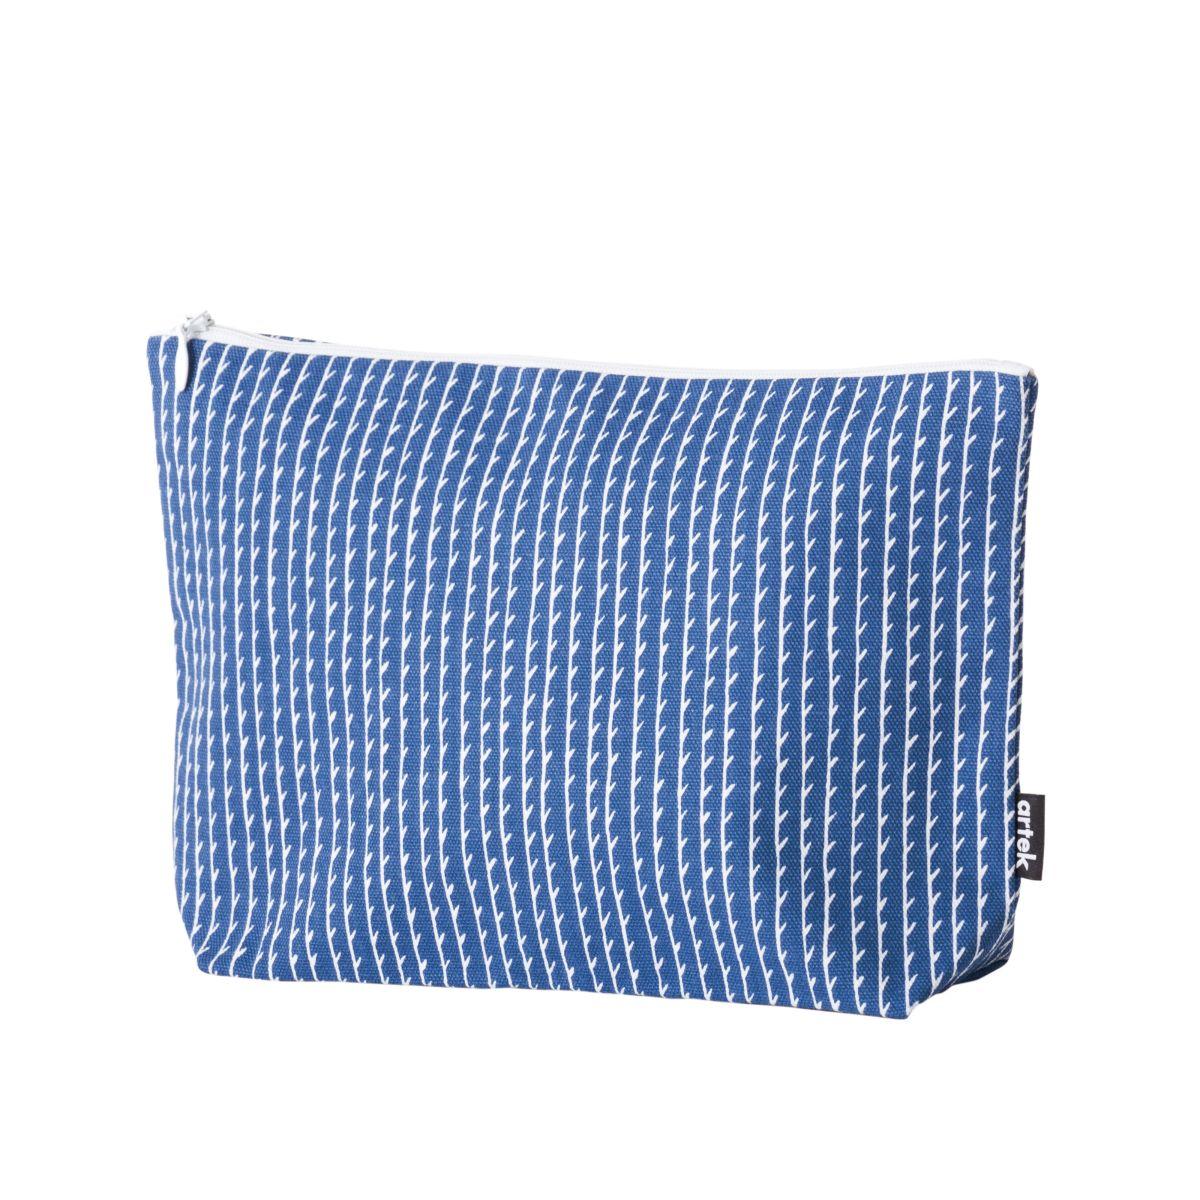 Rivi Pouch large blue white